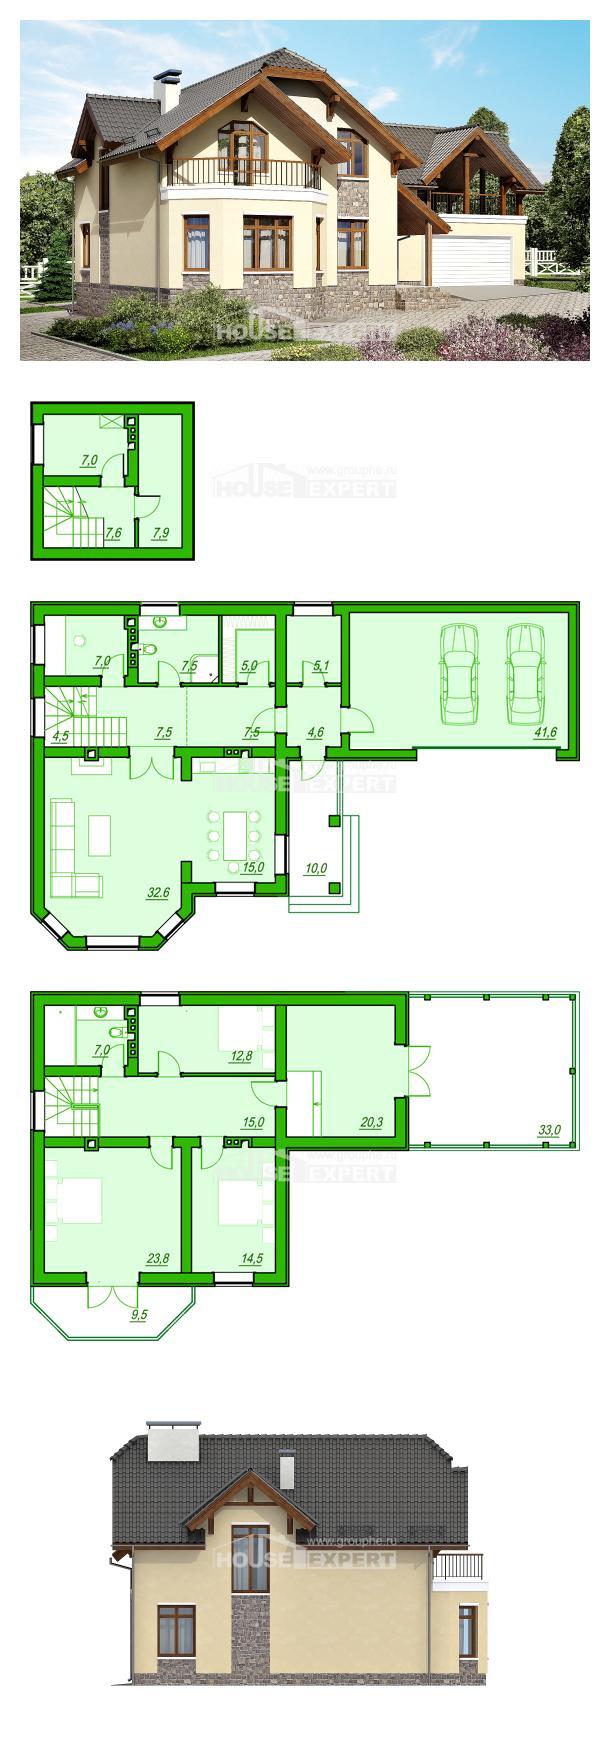 Plan 255-003-R | House Expert